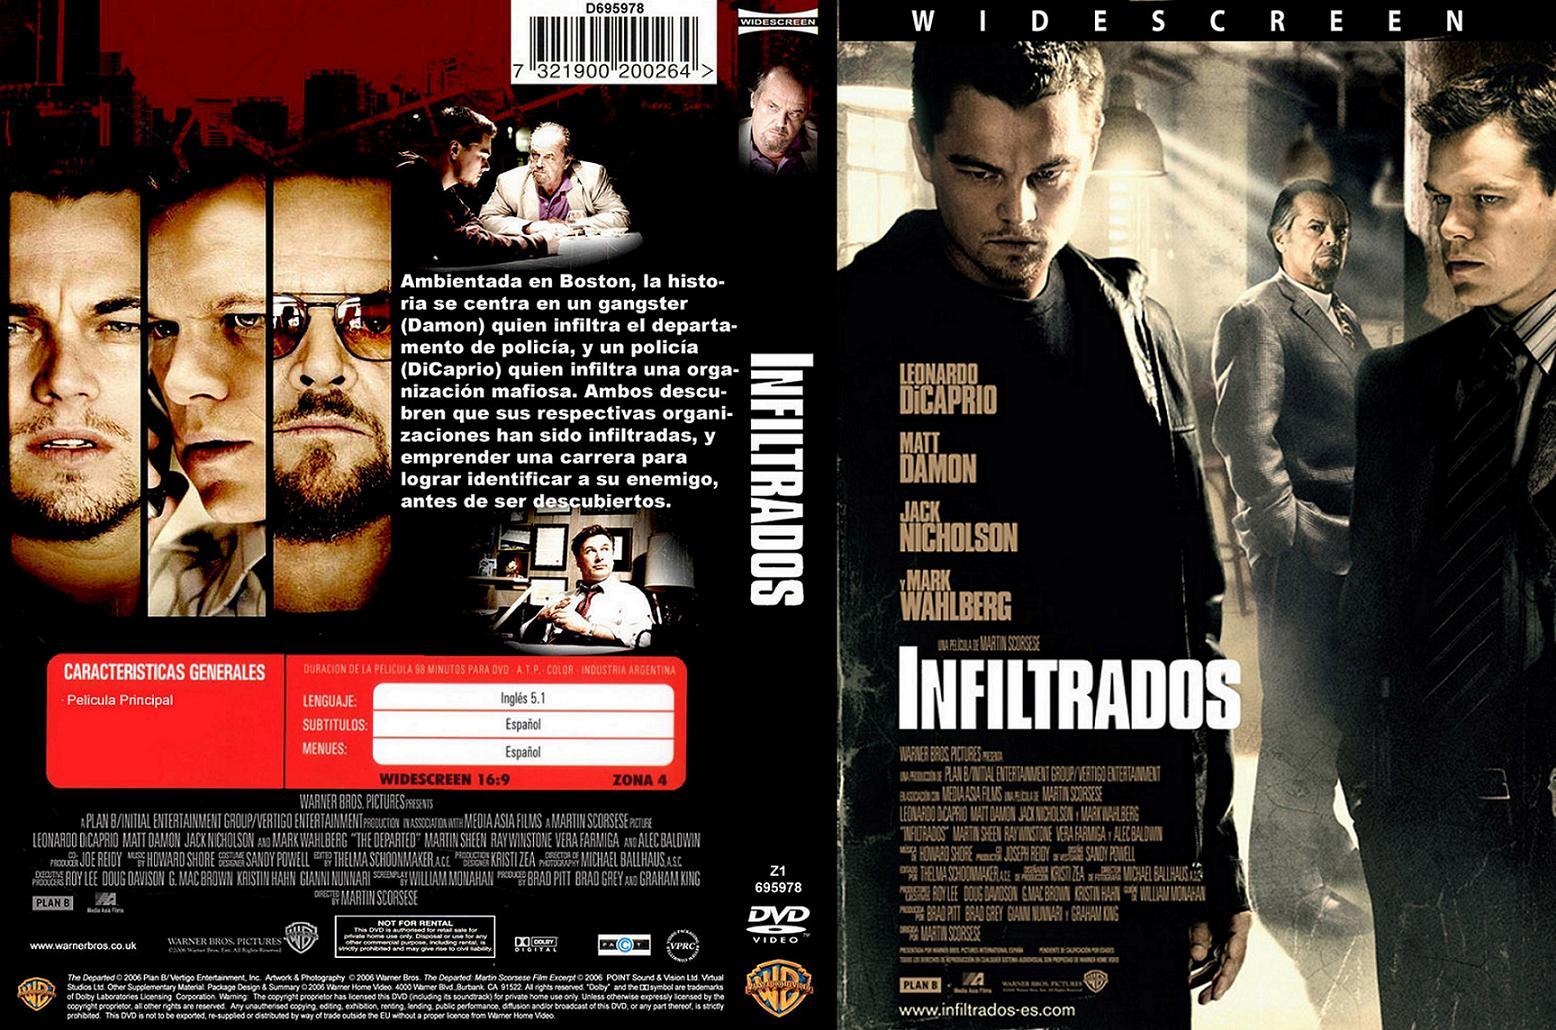 http://3.bp.blogspot.com/__1pM5f0UW_o/S76YAs4YcQI/AAAAAAAAAL8/bbje0HJ8Msg/s1600/Infiltrados.jpg